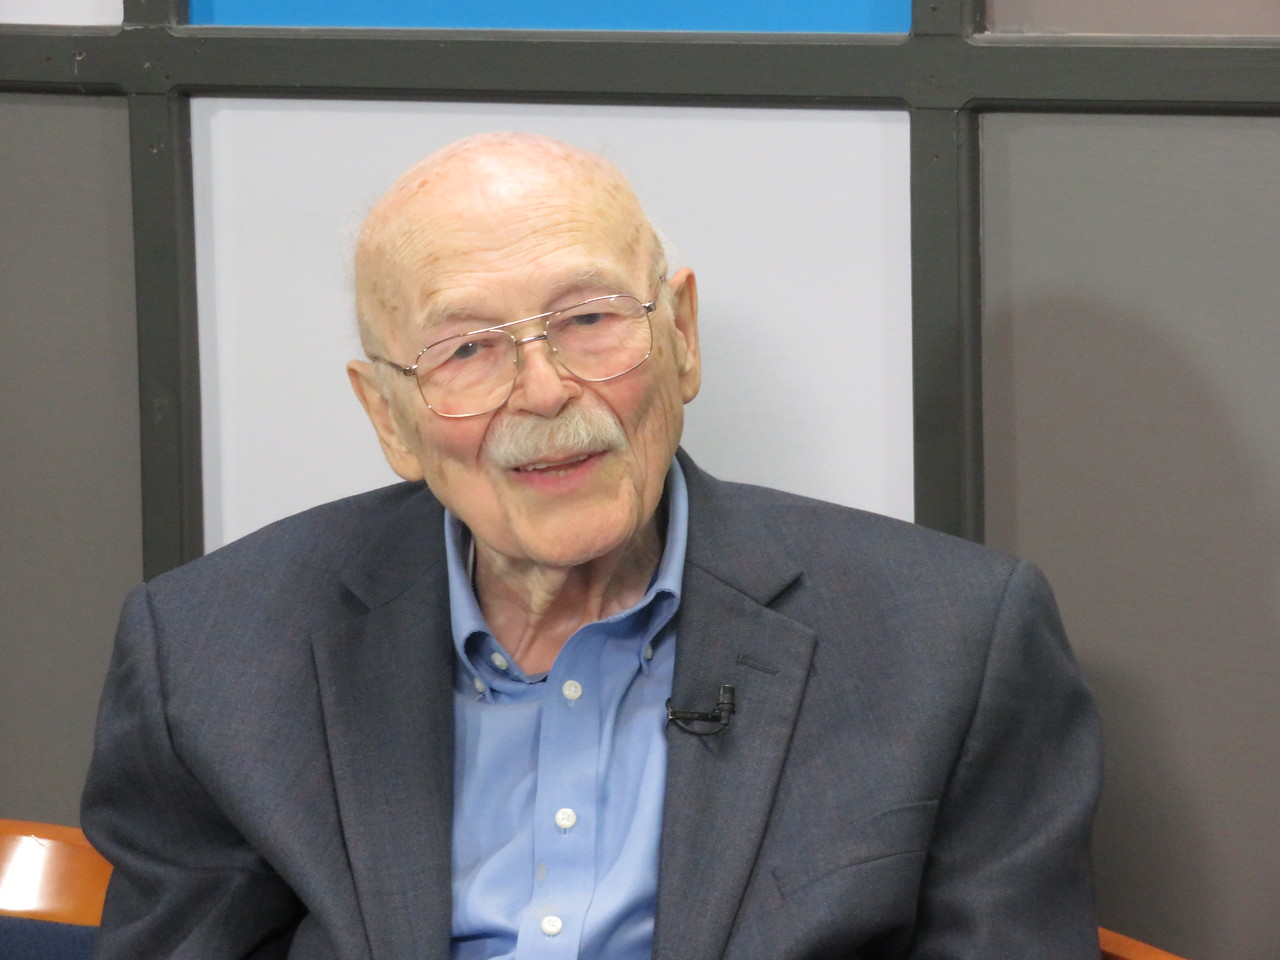 Larry Bullen